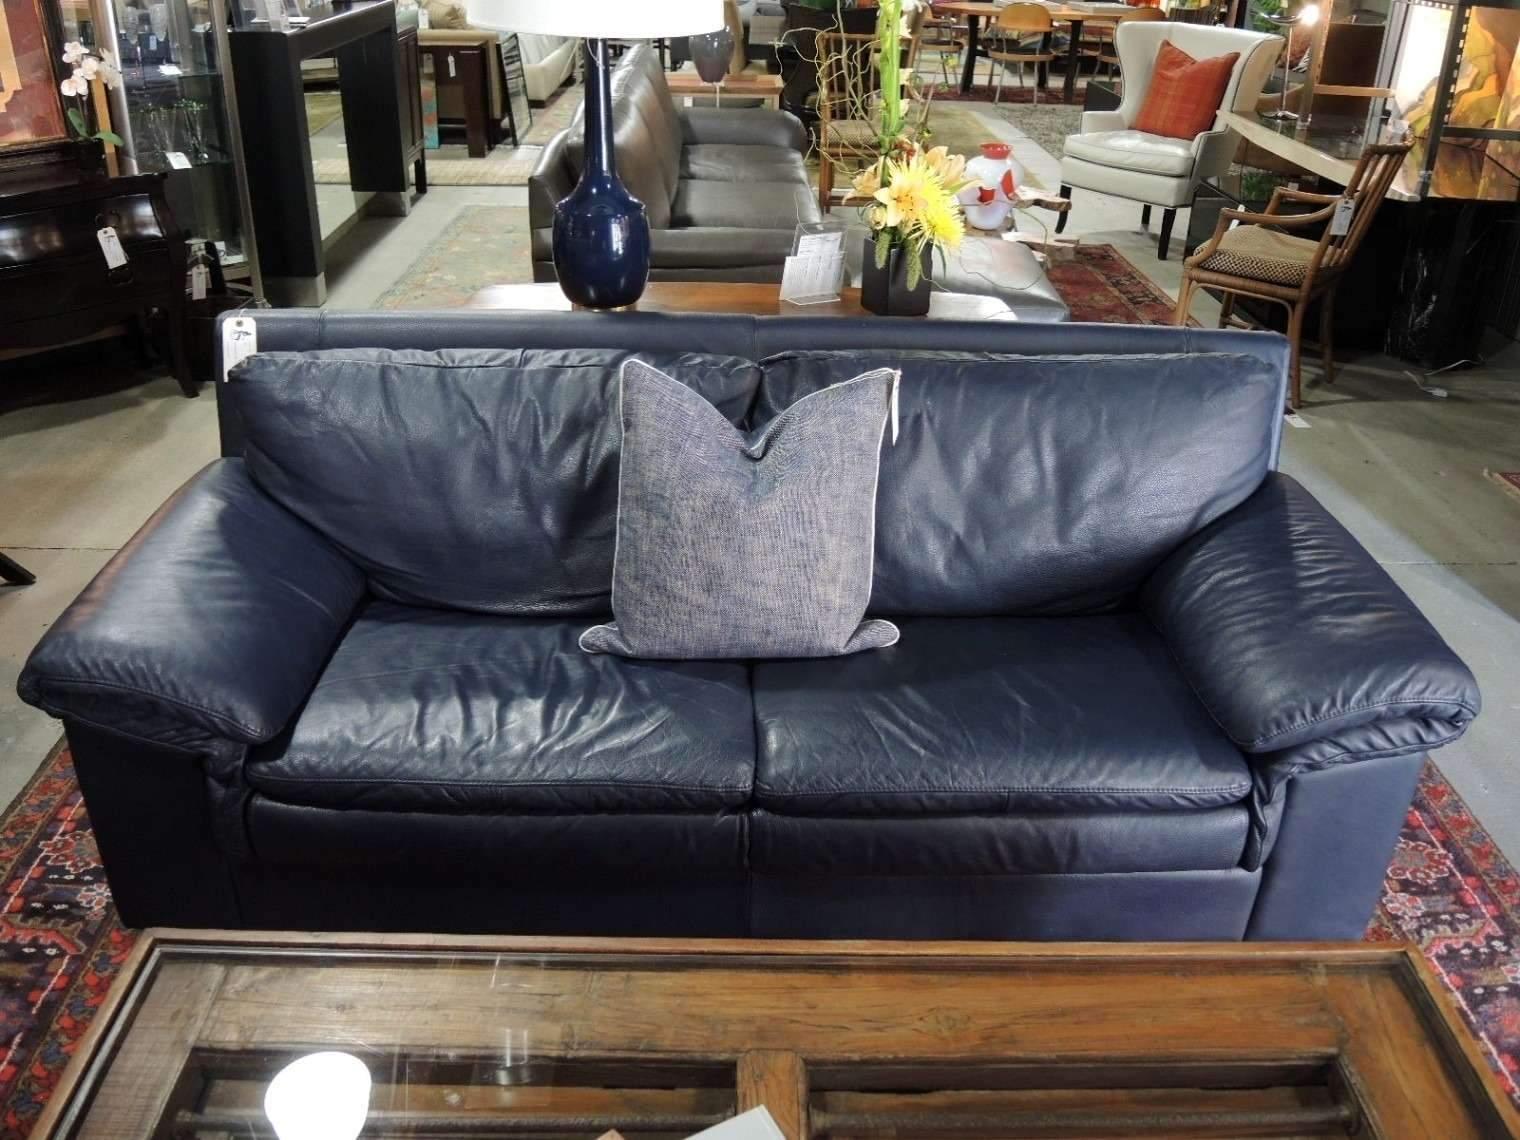 Full Size of Wohnzimmer Liege Einzigartig Lounge Couch Relaxliege Hängeschrank Weiß Hochglanz Anbauwand Deckenstrahler Liegestuhl Garten Led Deckenleuchte Deckenlampen Wohnzimmer Wohnzimmer Liegestuhl